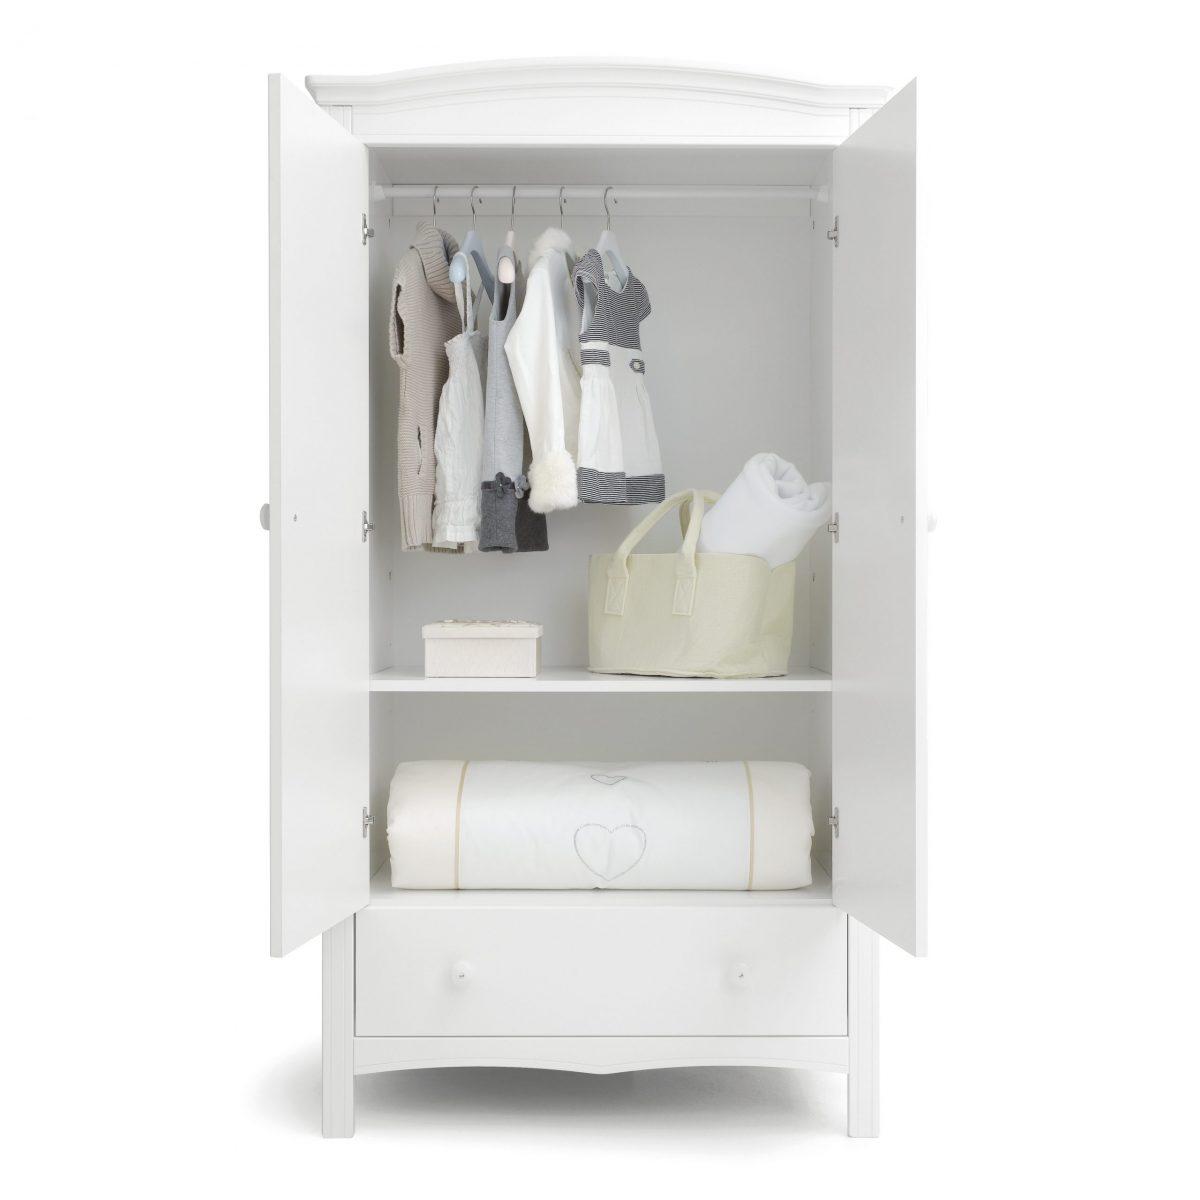 luxusní dětský nábytek - vnitřek skříně kolekce Cuore